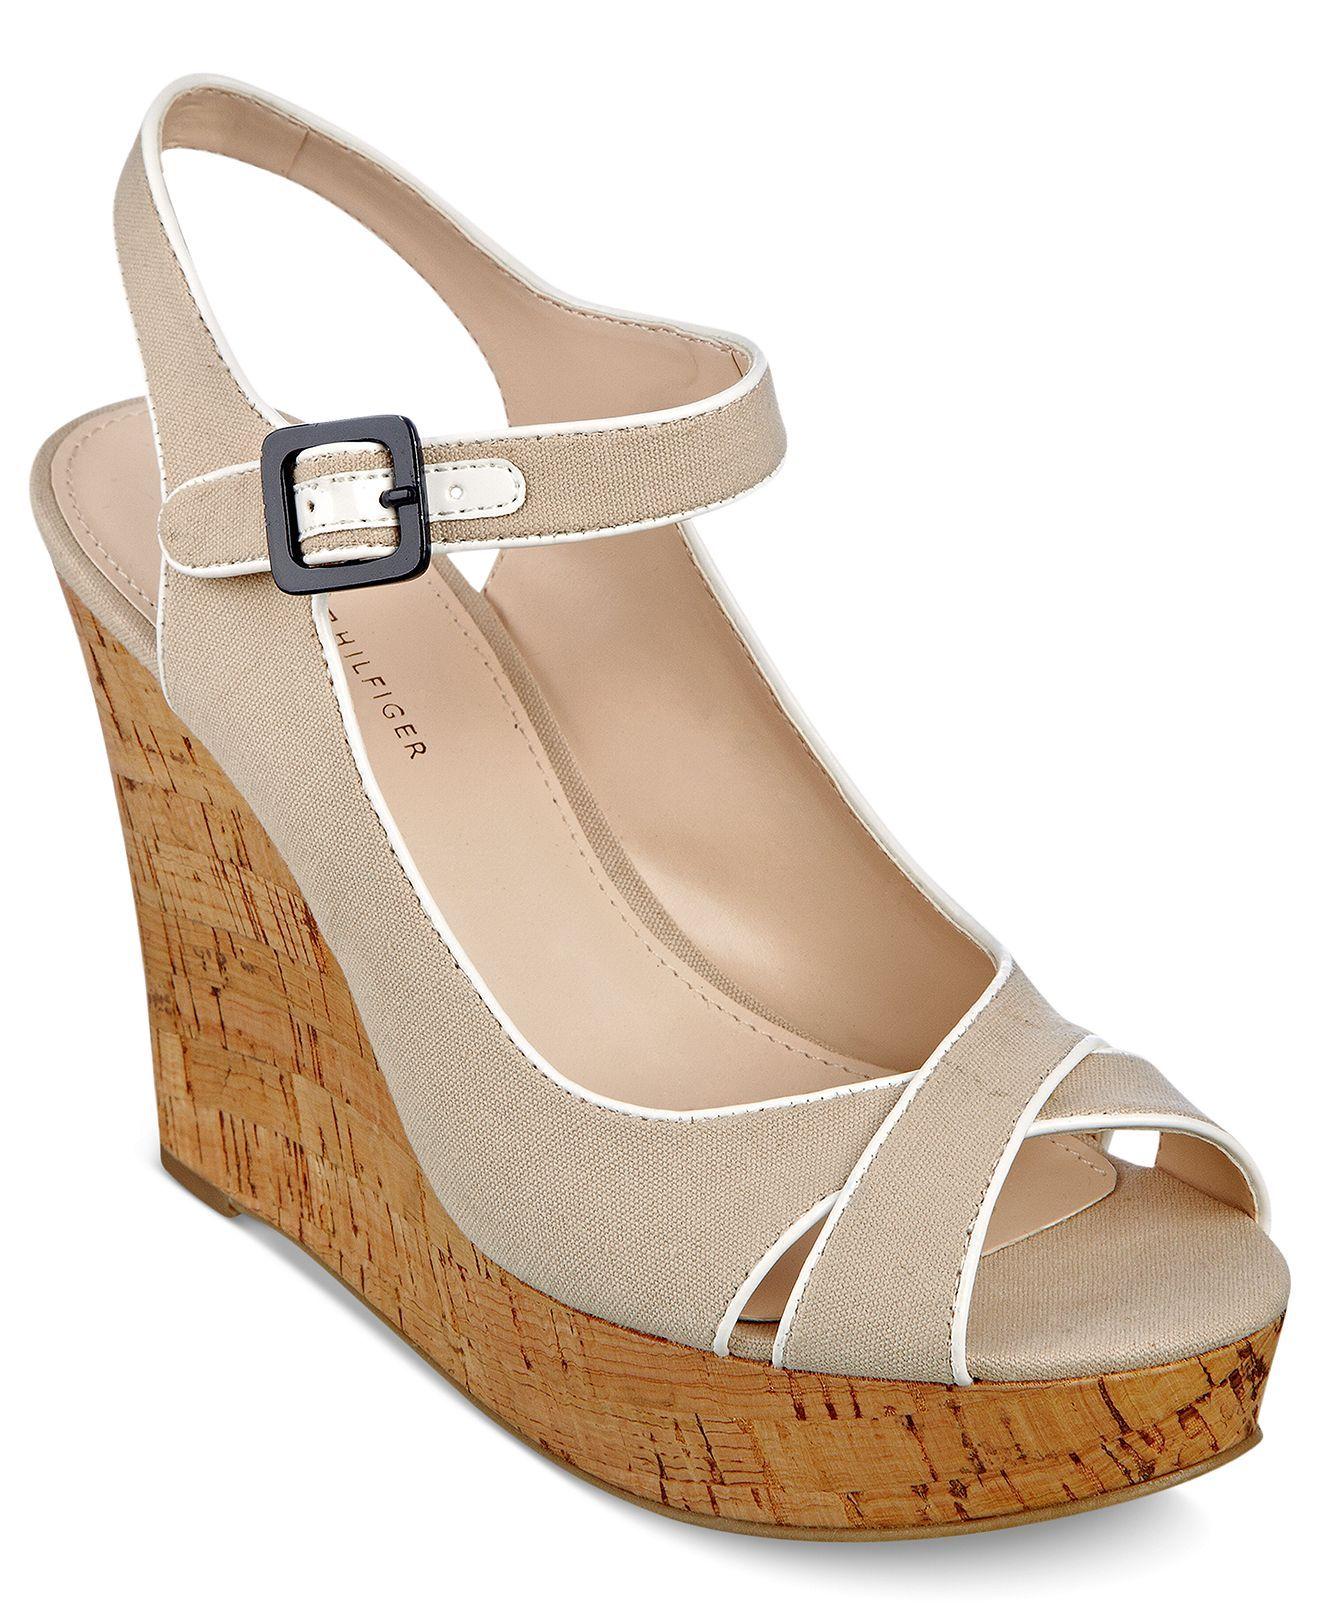 a5069c6b33e Tommy Hilfiger Shoes